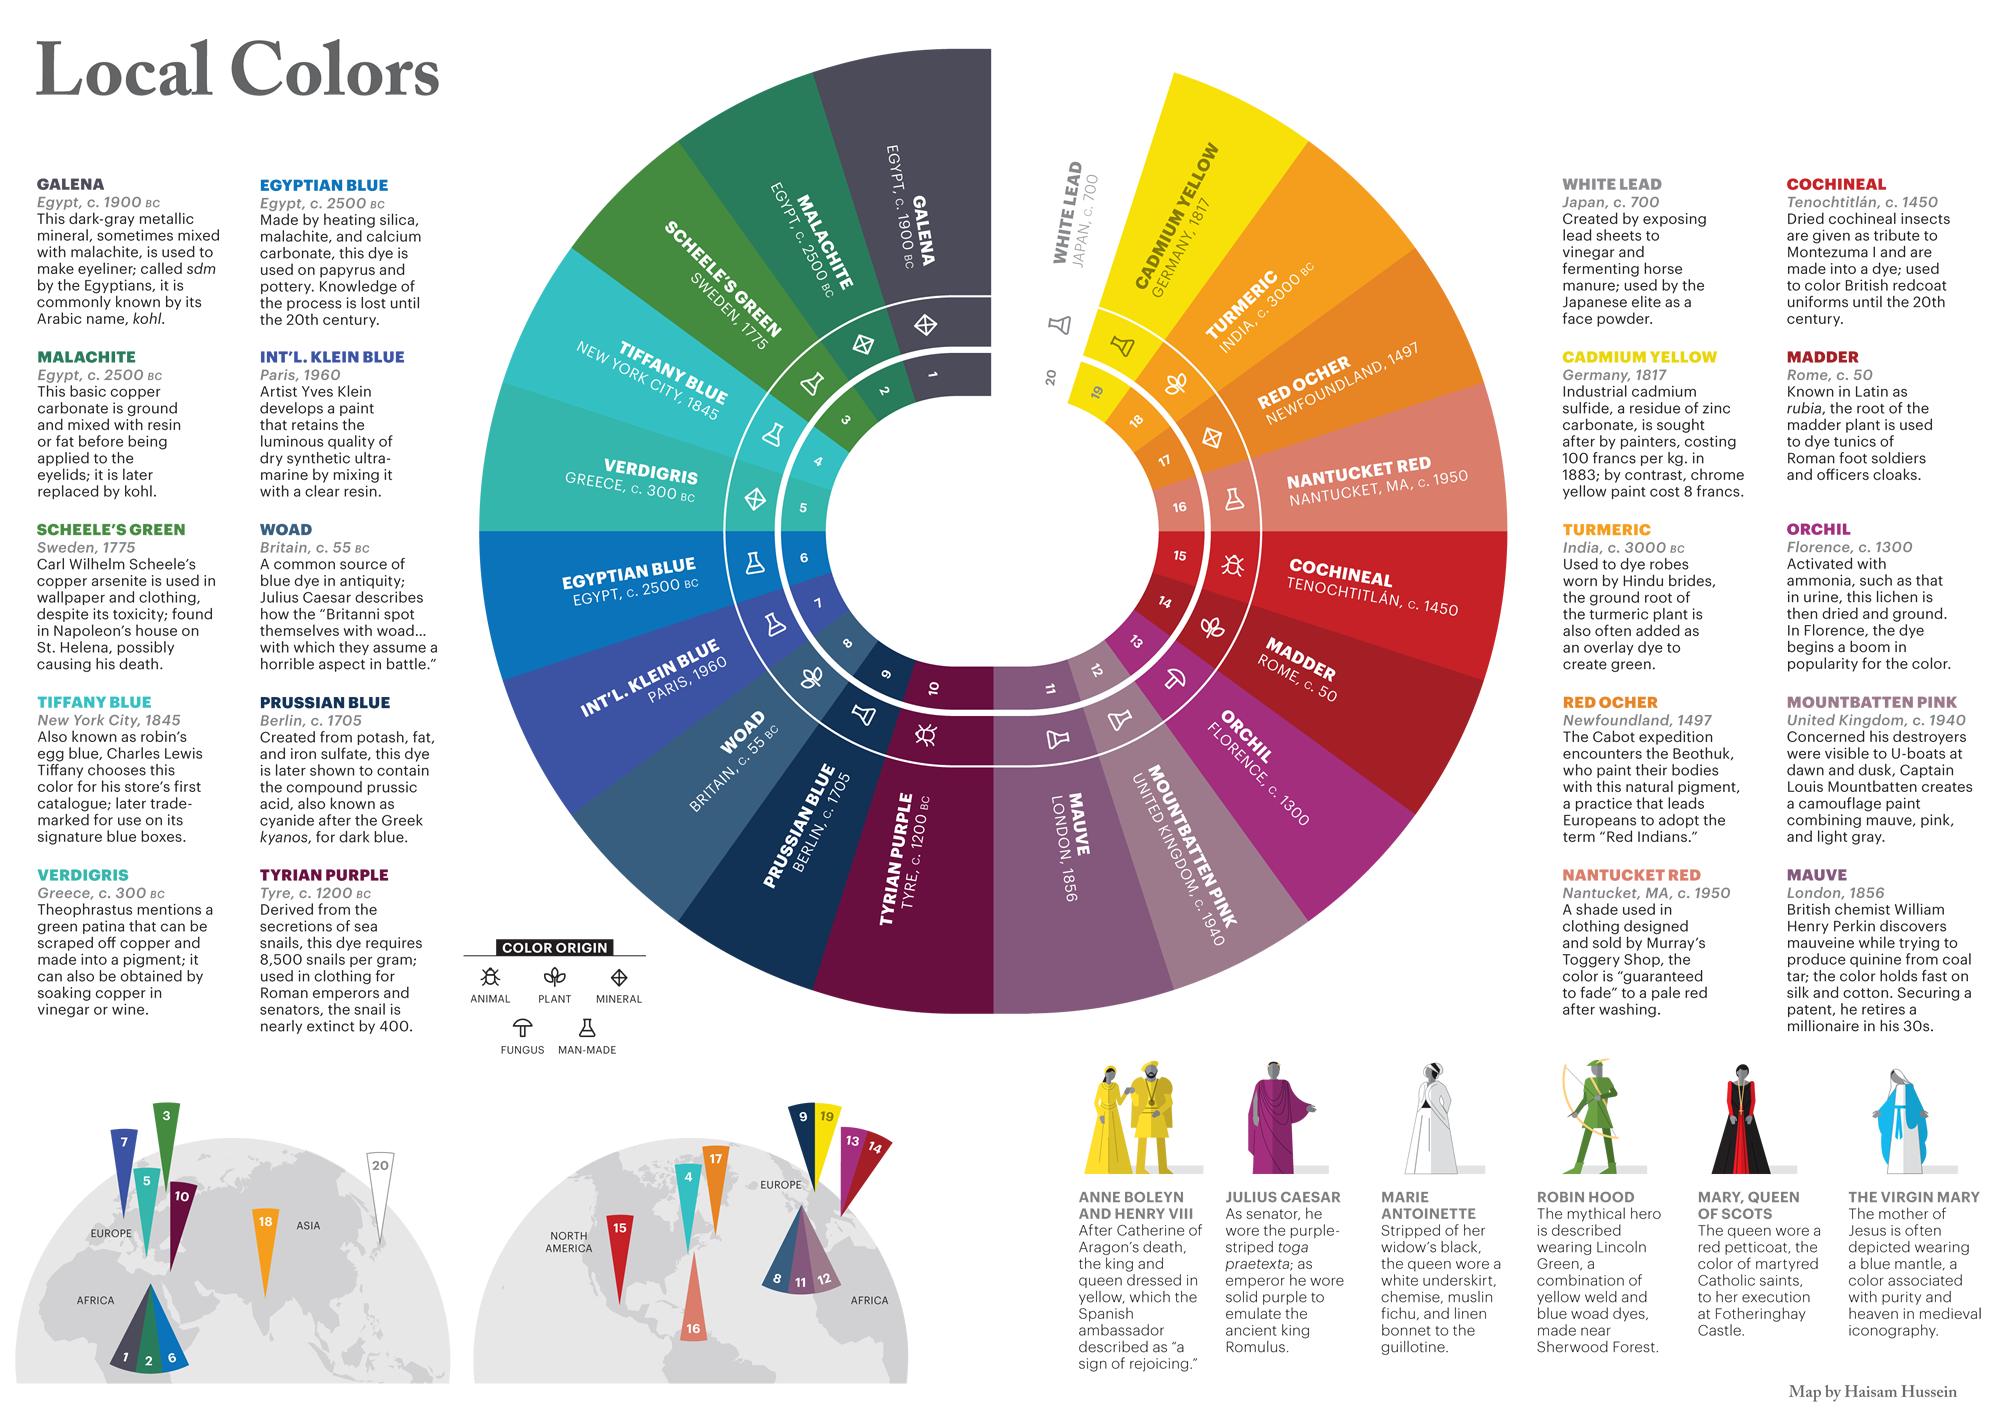 L'infografica è opera del designer Hasaim Hussein ed è stata pubblicata sull'ultimo numero della rivista Lapham's Quarterly, dedicato alla moda